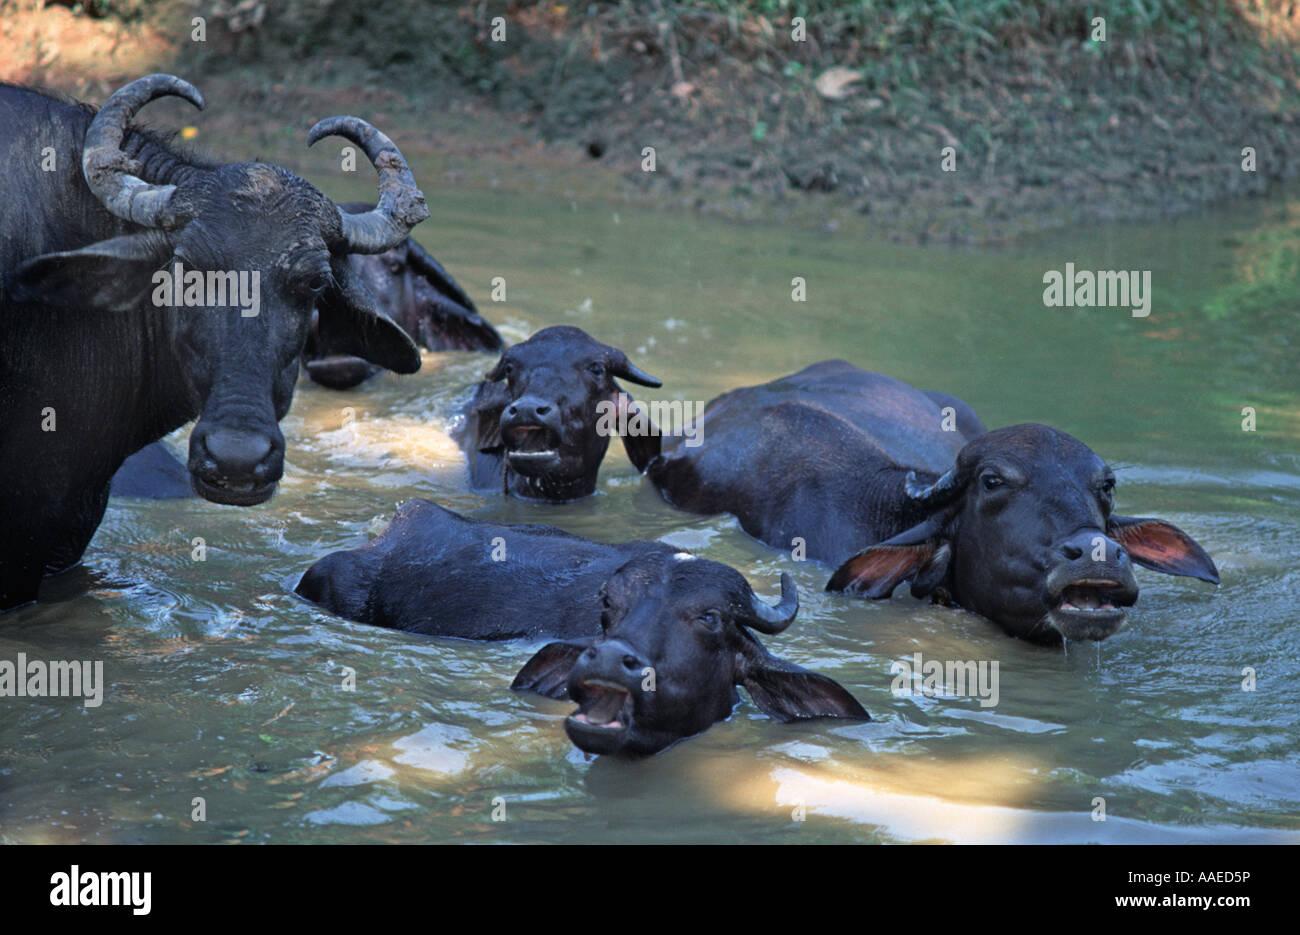 Water buffalos wallowing in a muddy pool at Khajuraho Madhya Pradesh India - Stock Image